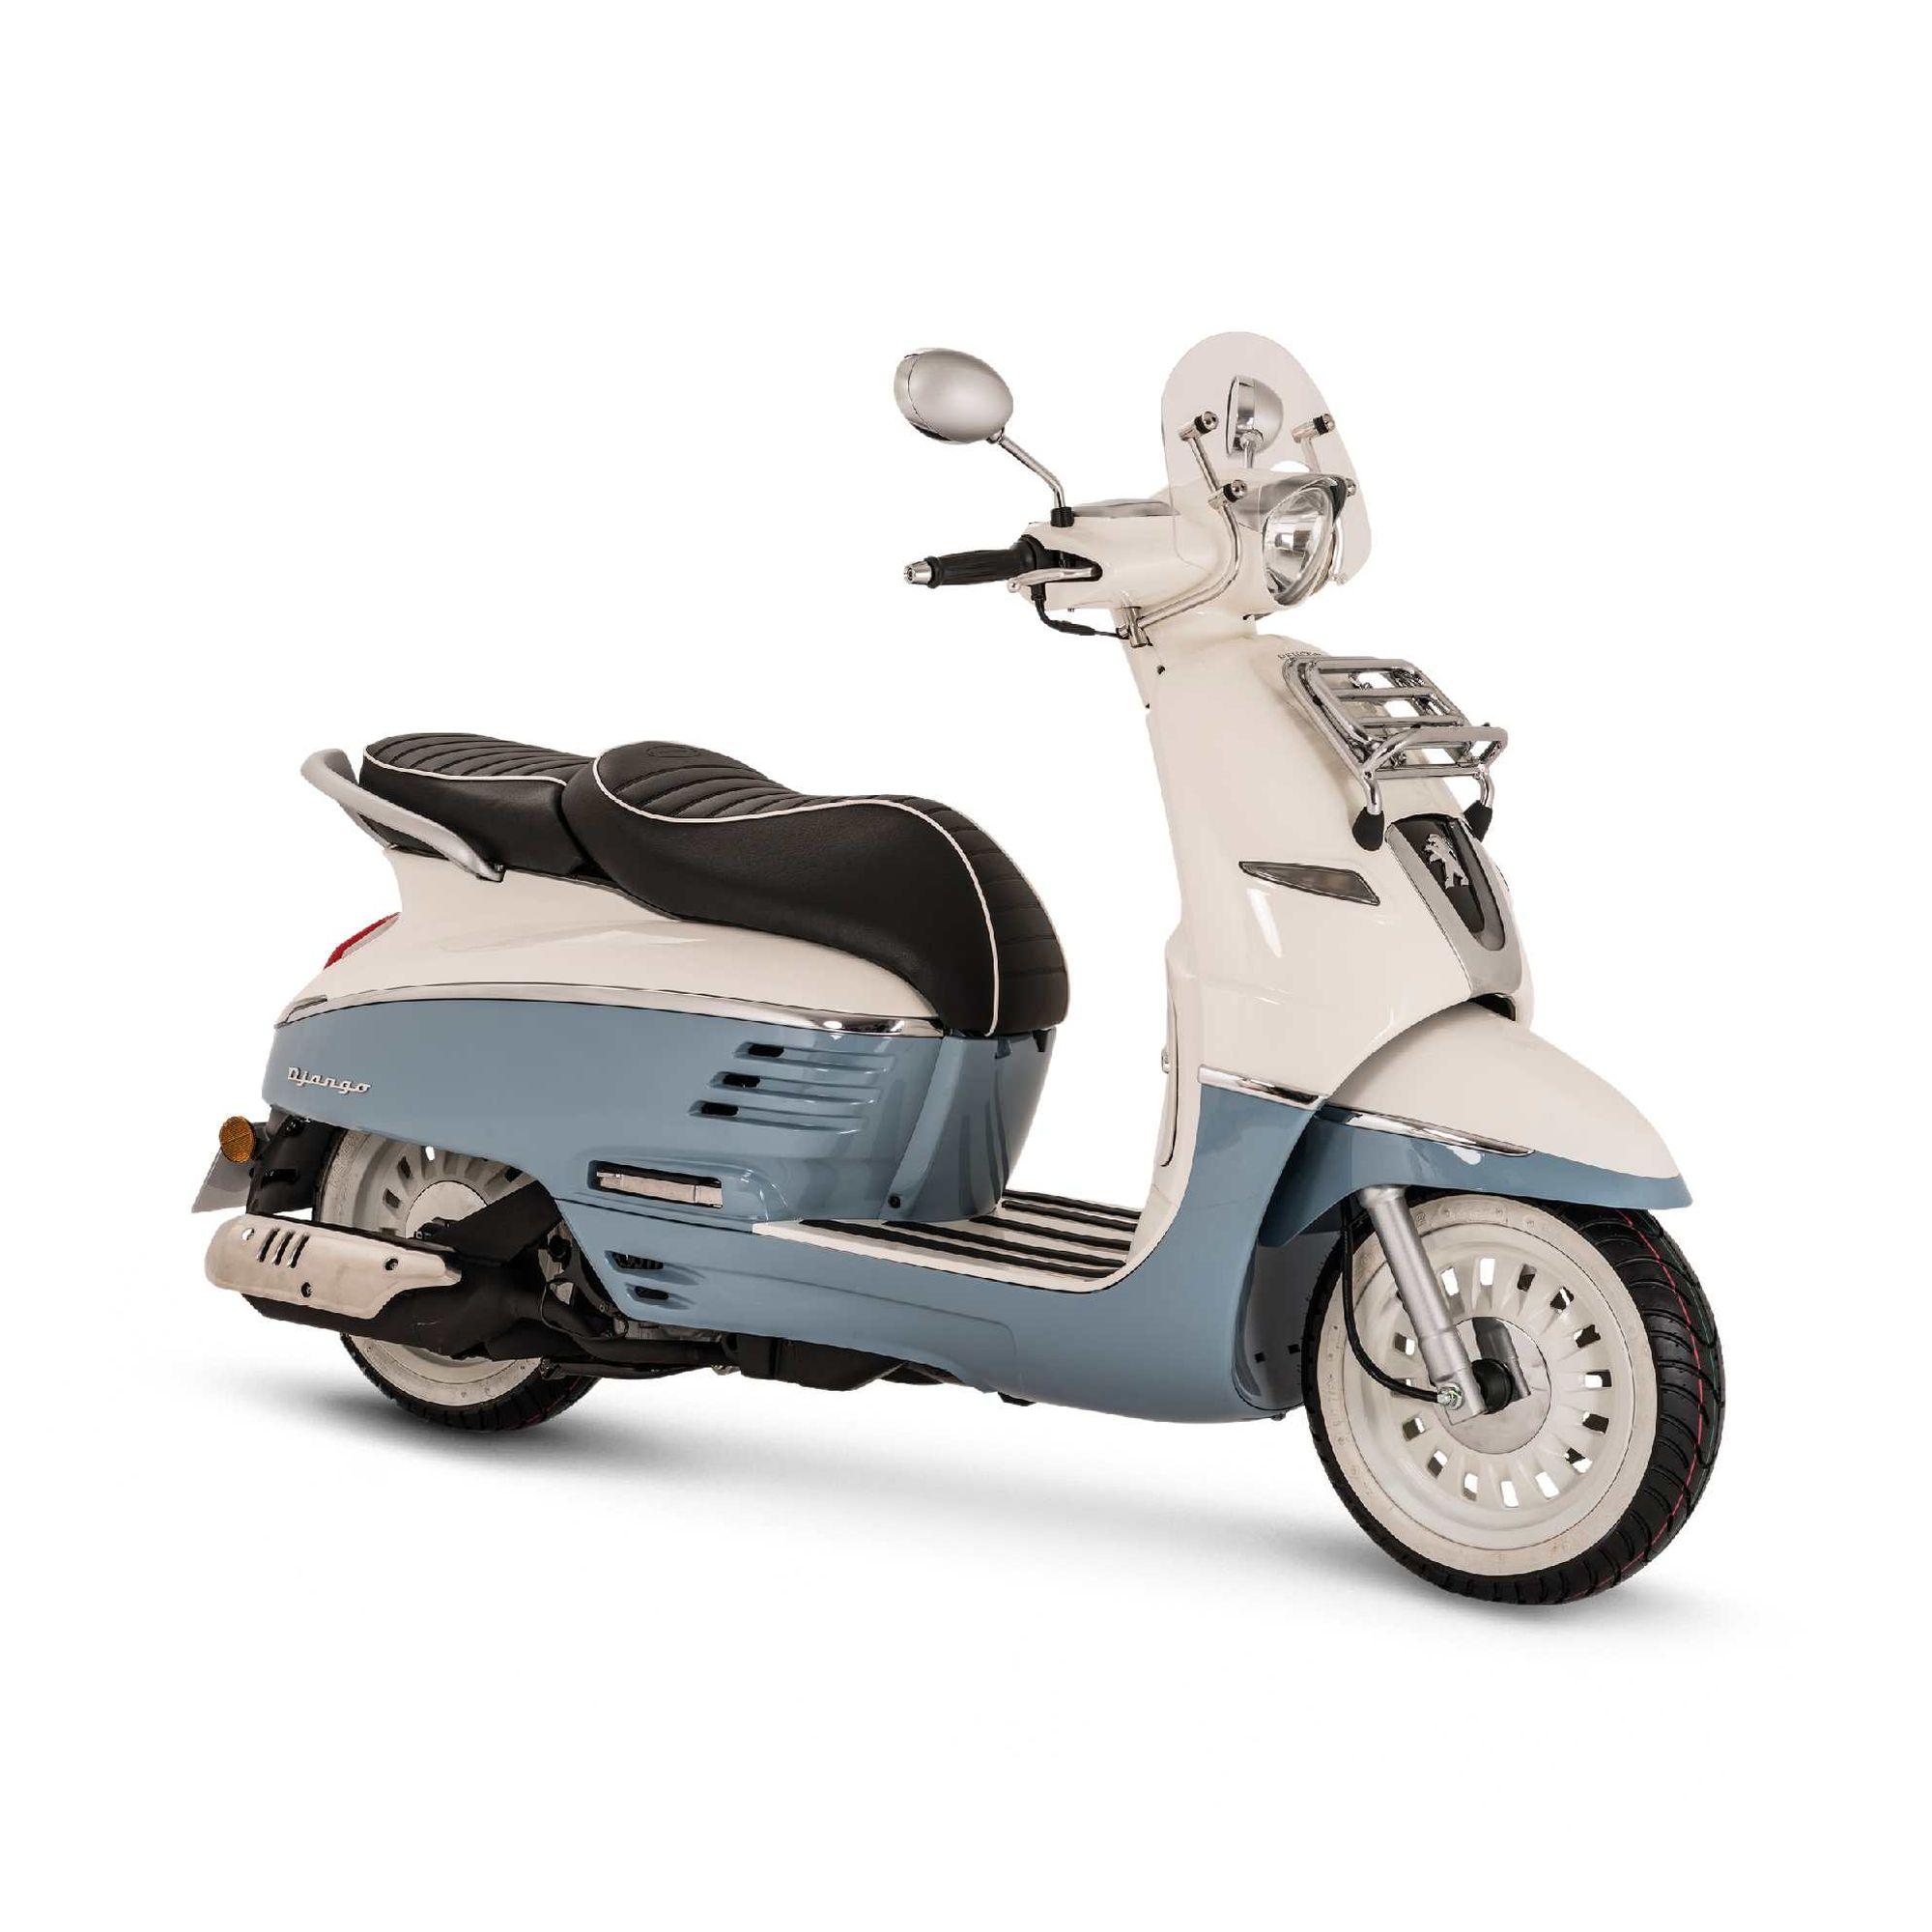 Gebrauchte Peugeot Django 125 Evasion Motorräder kaufen